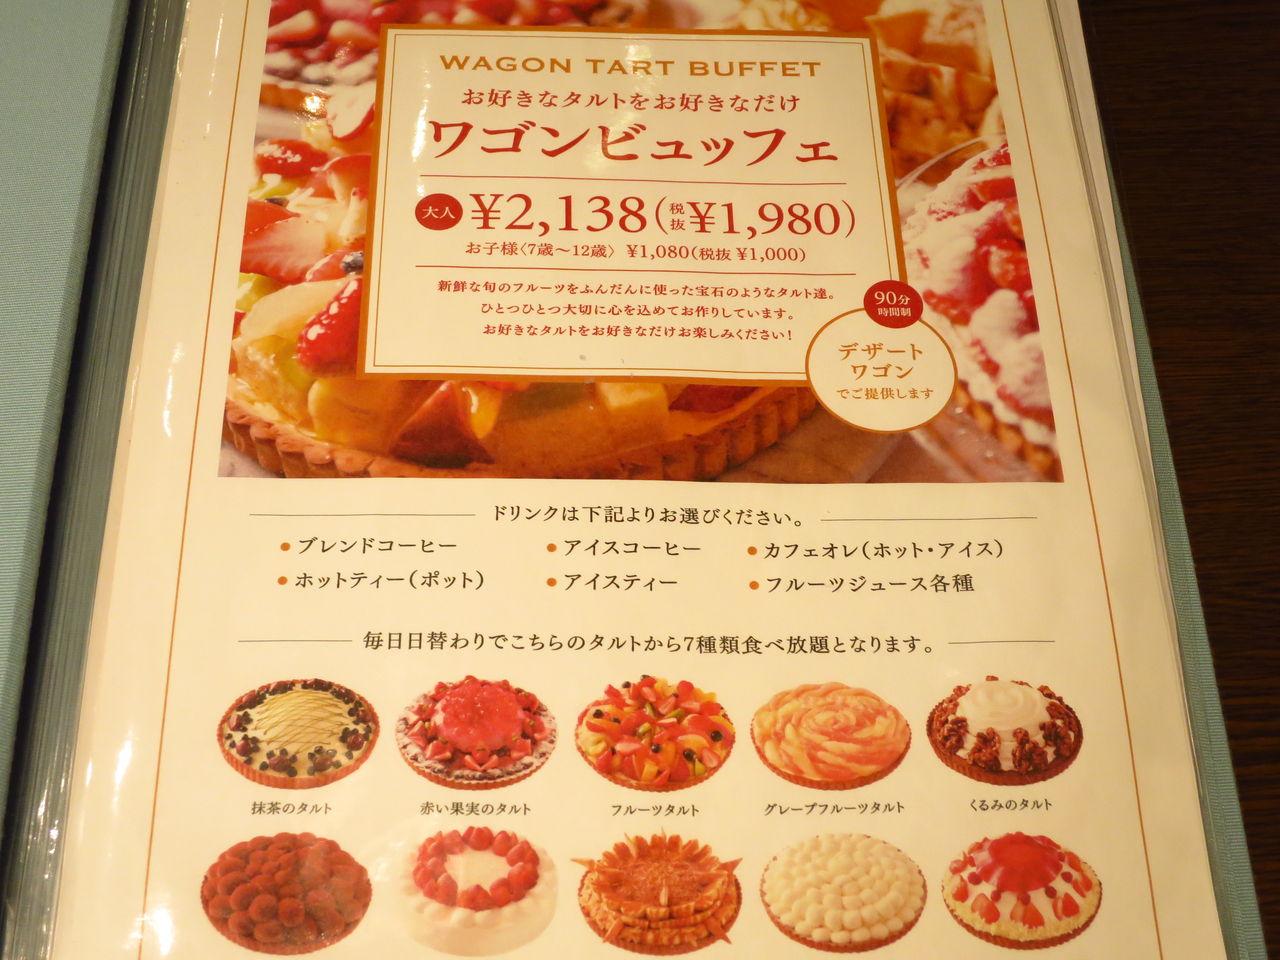 放題 タルト 食べ メニュー Delices tarte&cafe(デリス